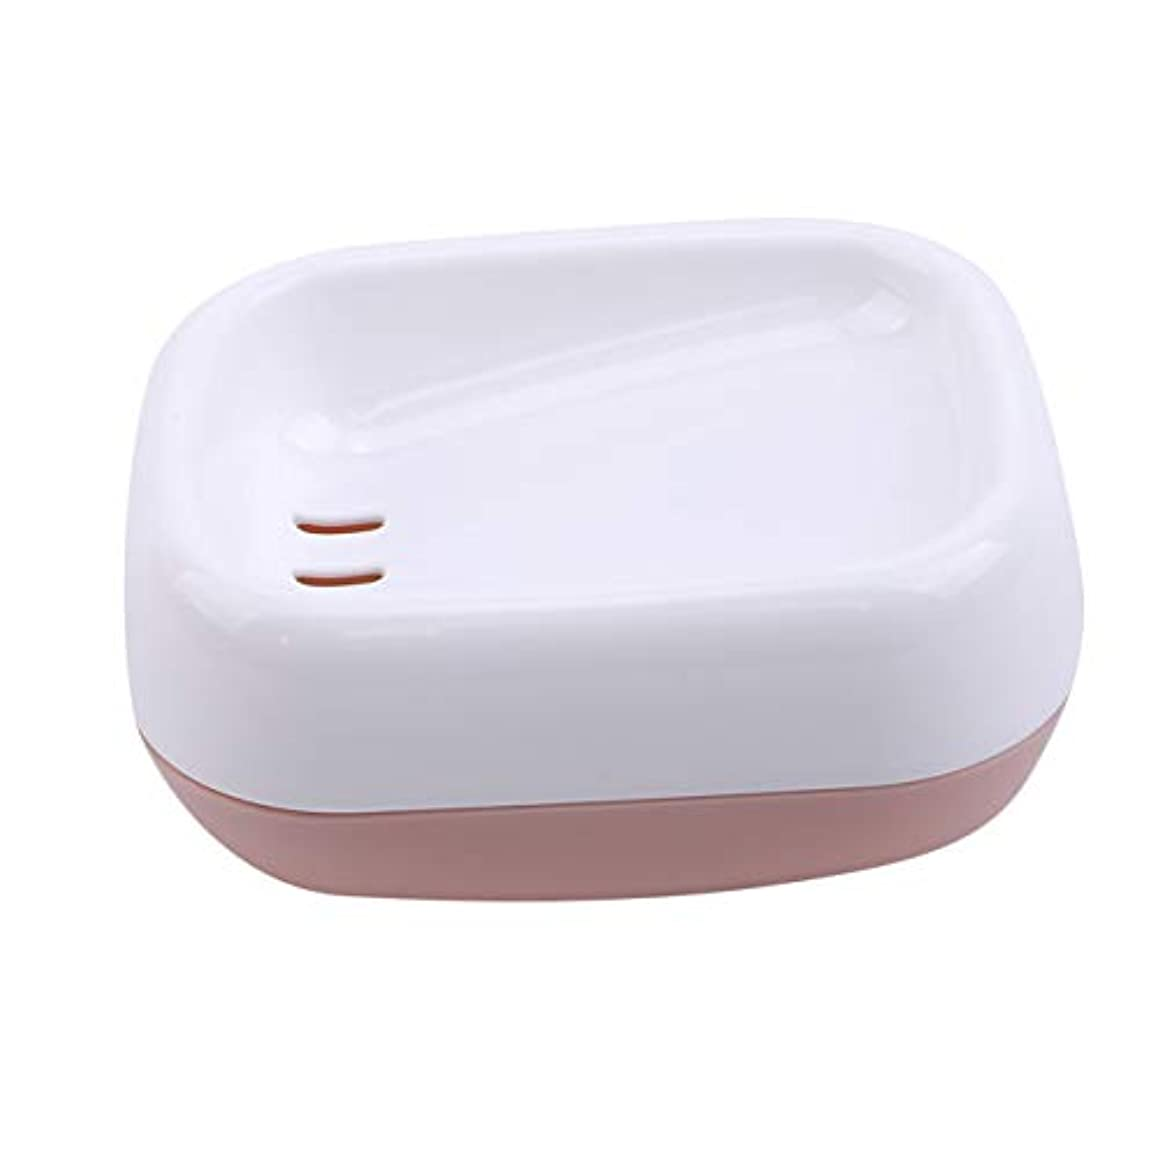 シンジケート雇用者端ZALINGソープディッシュボックス浴室プラスチック二重層衛生的なシンプル排水コンテナソープディッシュピンク